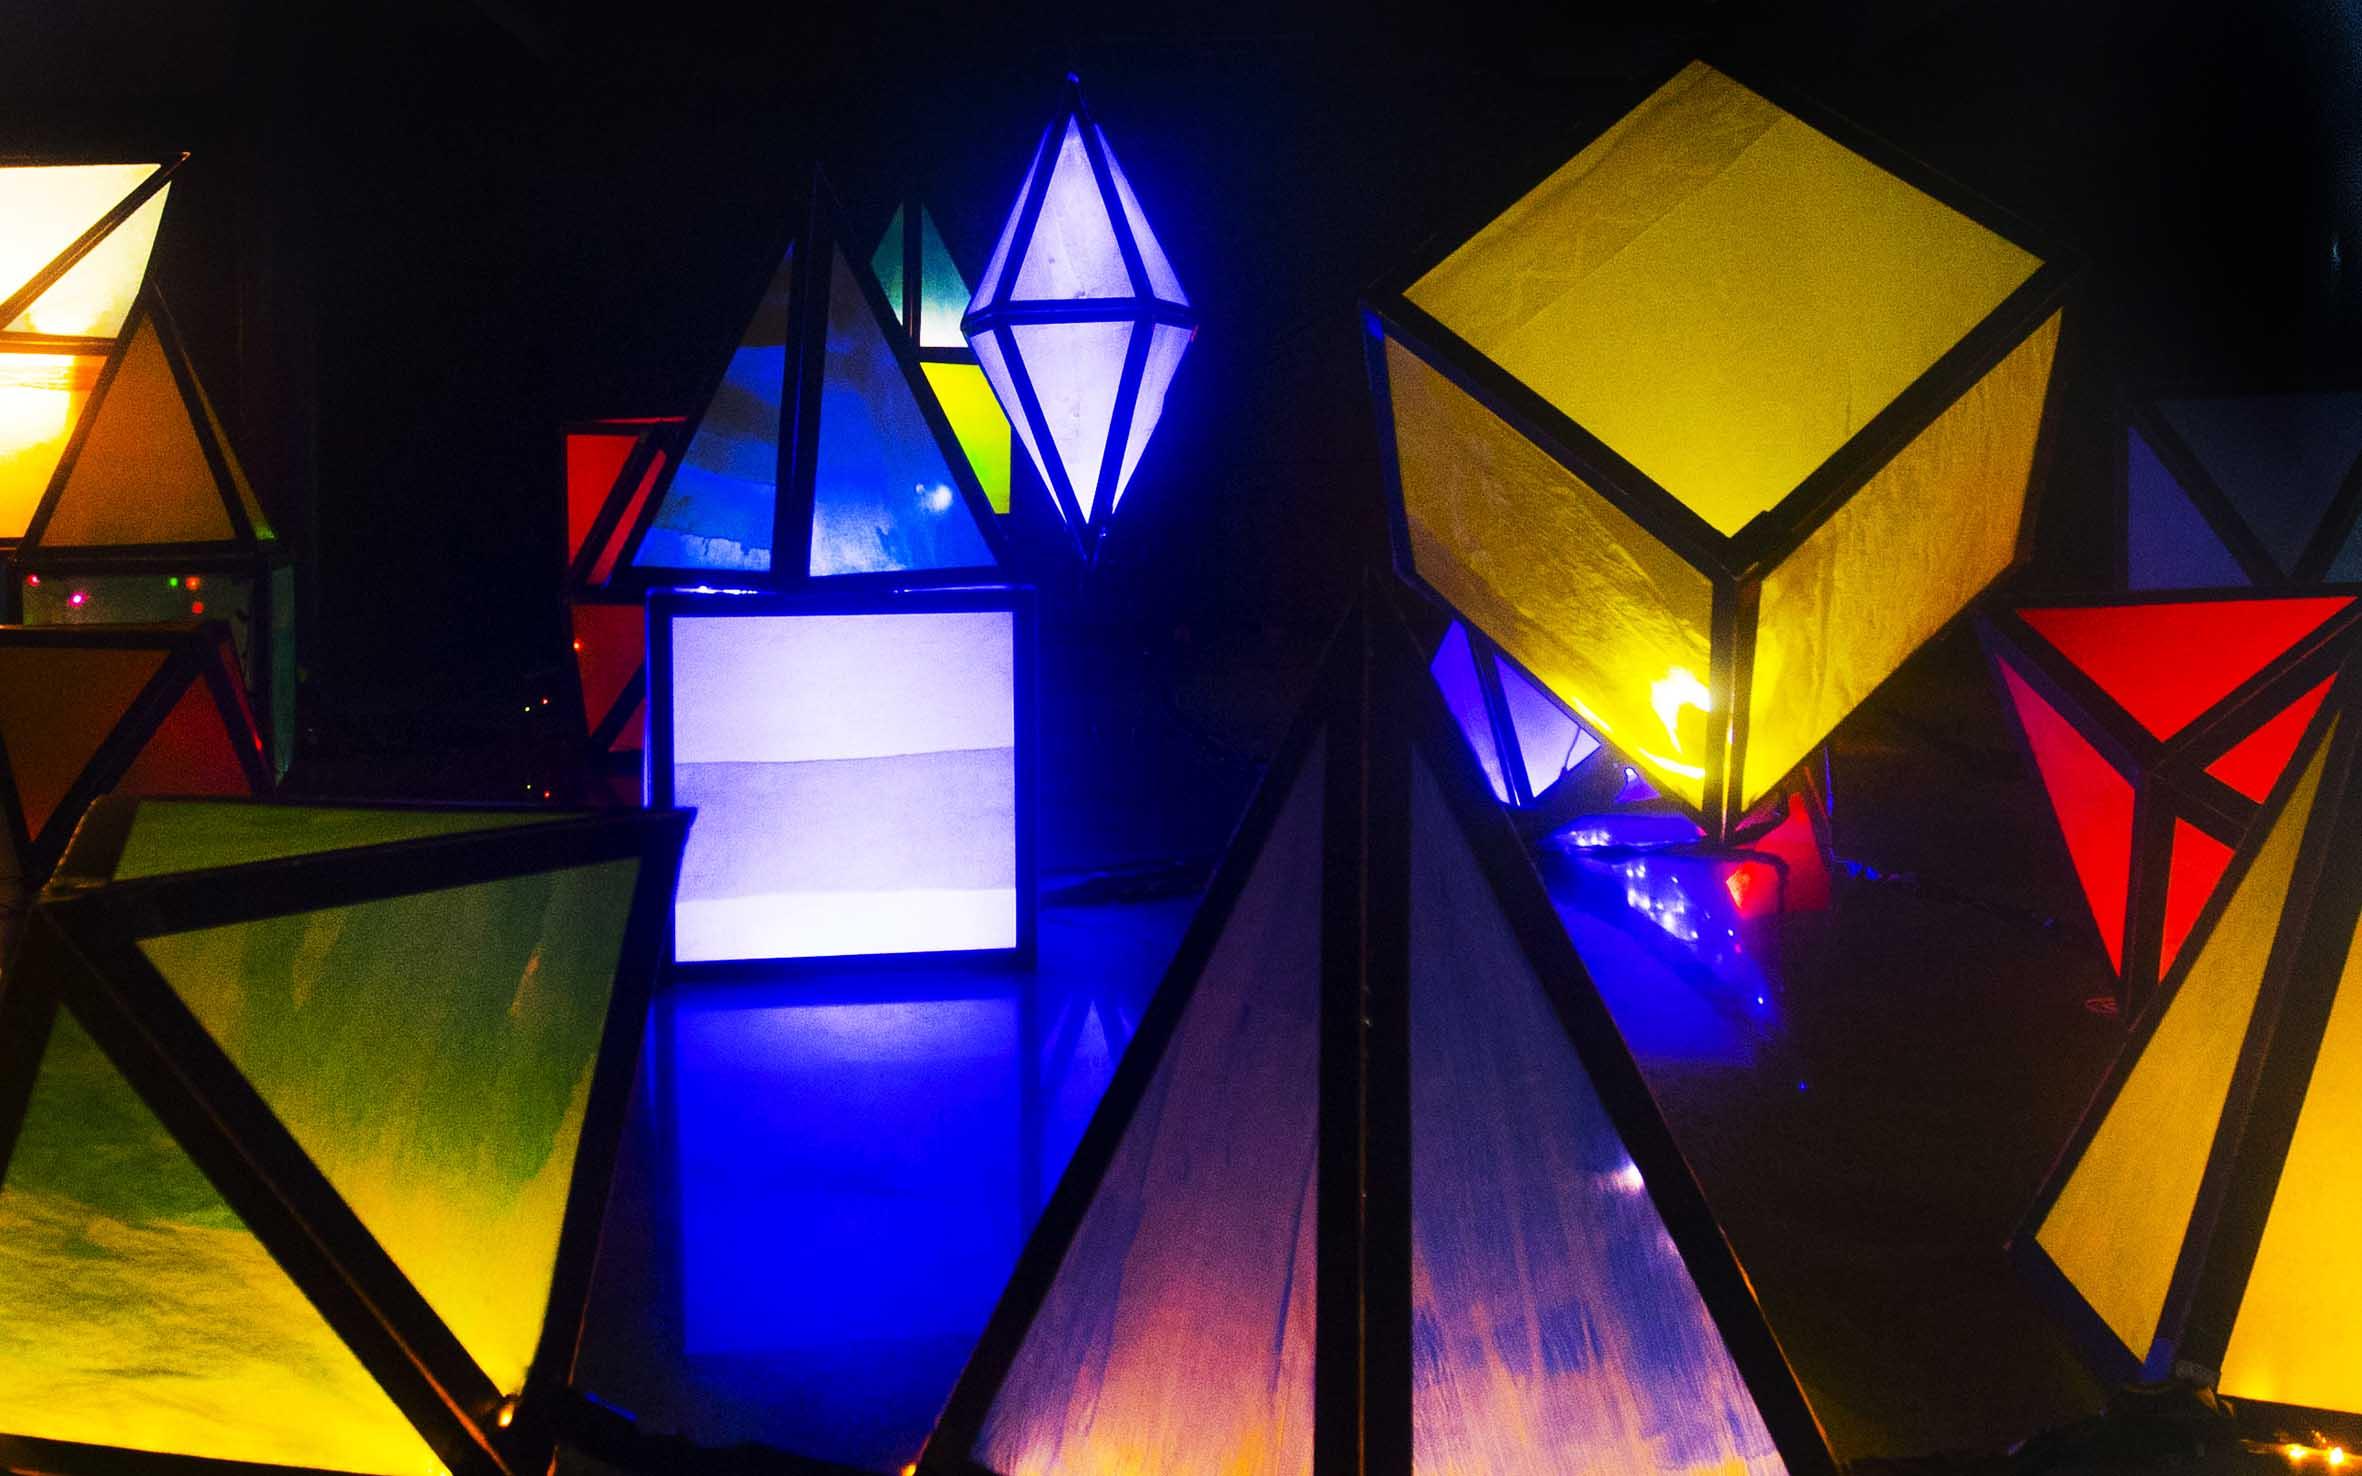 'Light sculptures